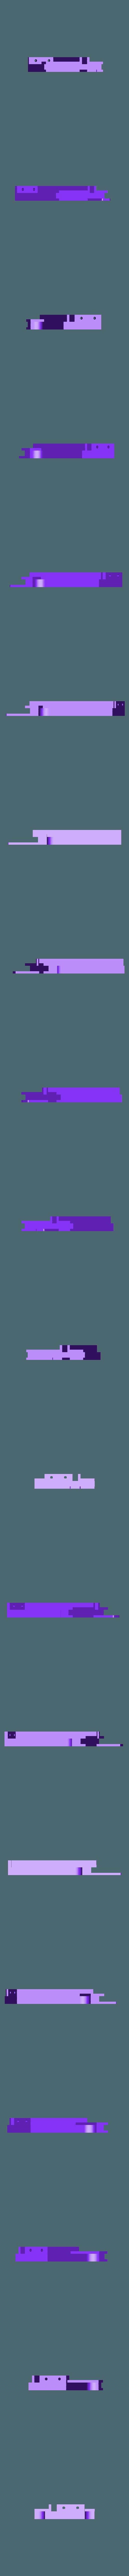 Boxes_TopLeft.stl Télécharger fichier STL gratuit Anet A8 Renforcement de structure • Modèle à imprimer en 3D, Israel_OE